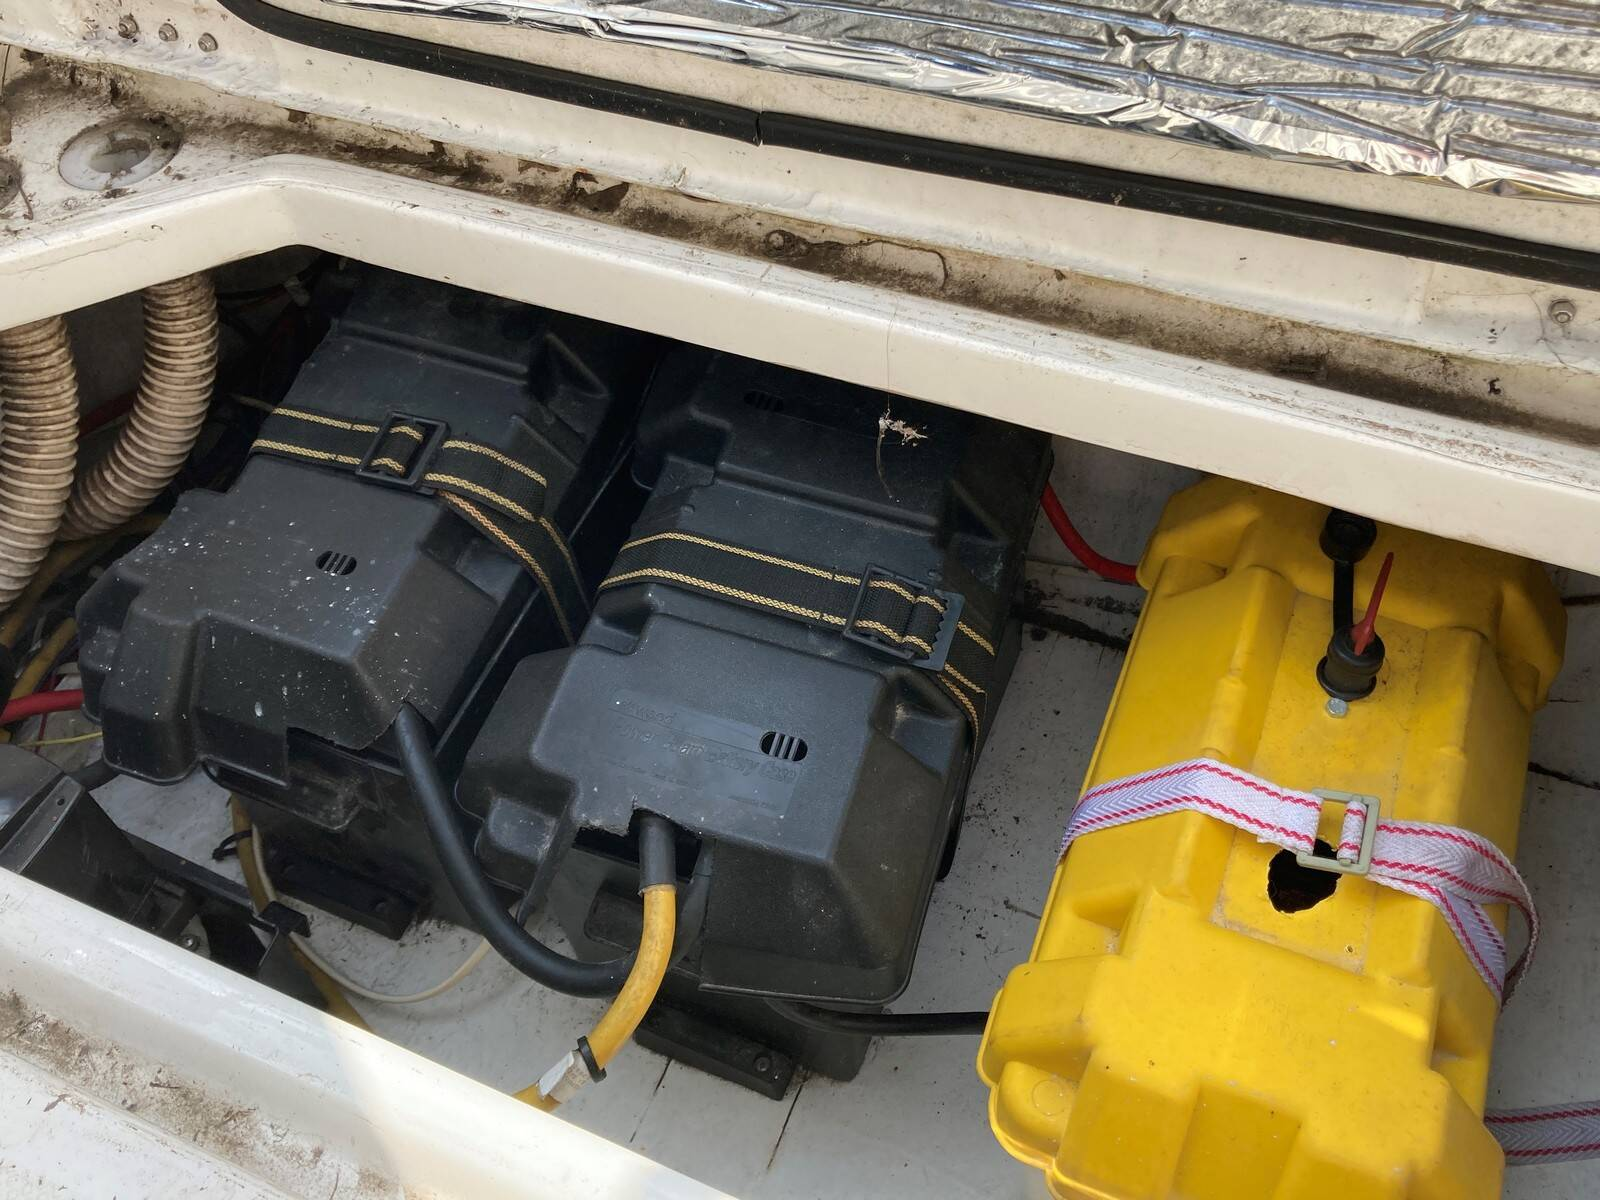 Bayliner 288 batteries